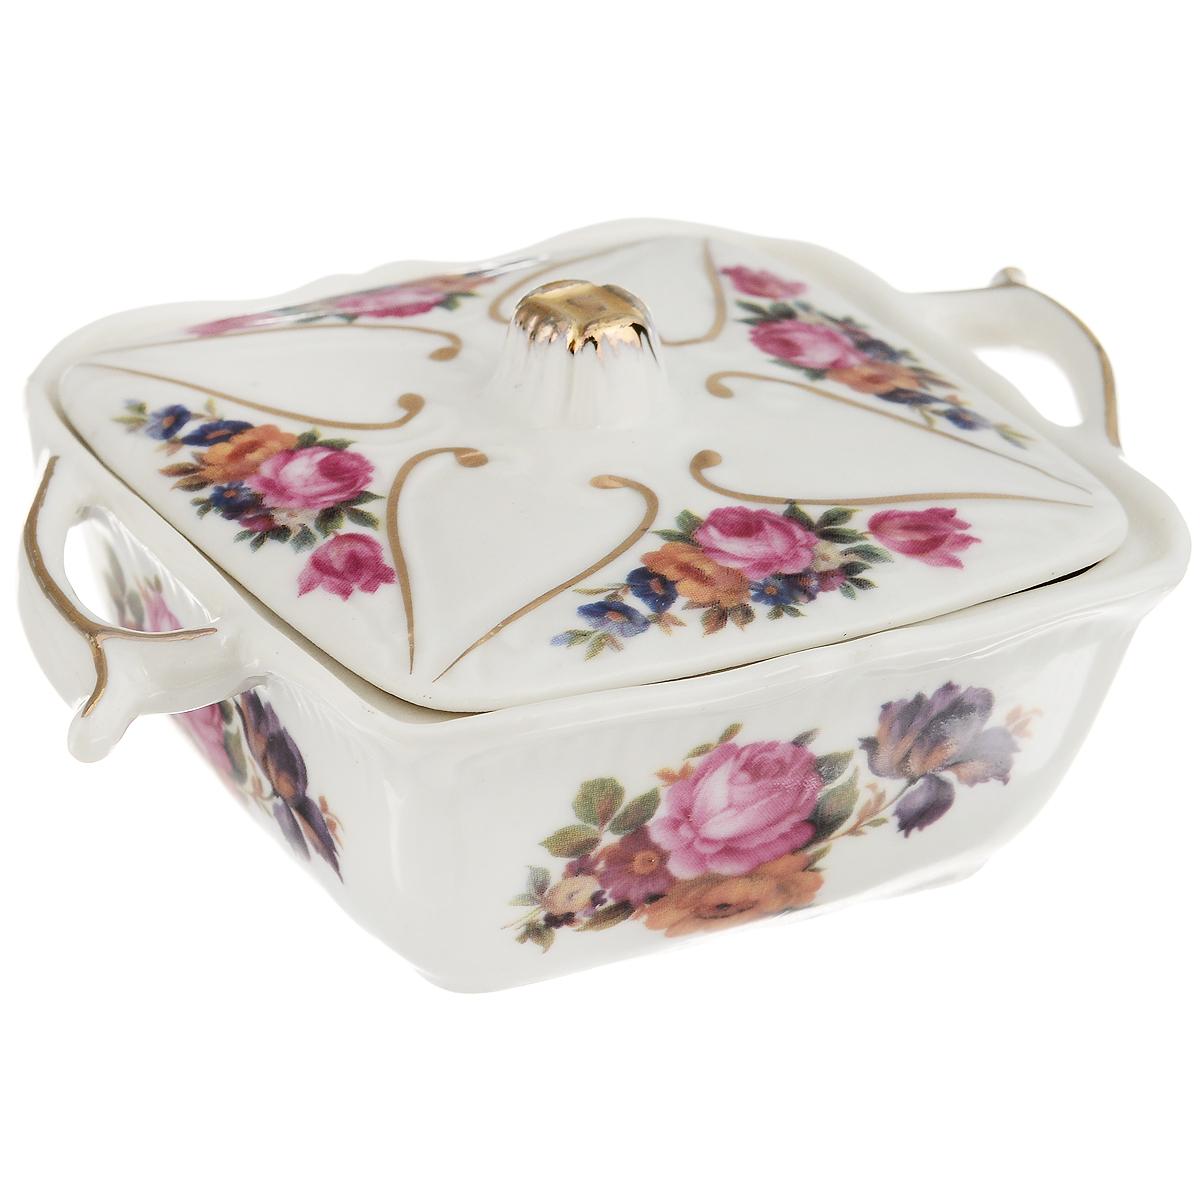 Шкатулка для швейных принадлежностей Besko Флорита, 7,5 см х 10 см х 3 см528-324